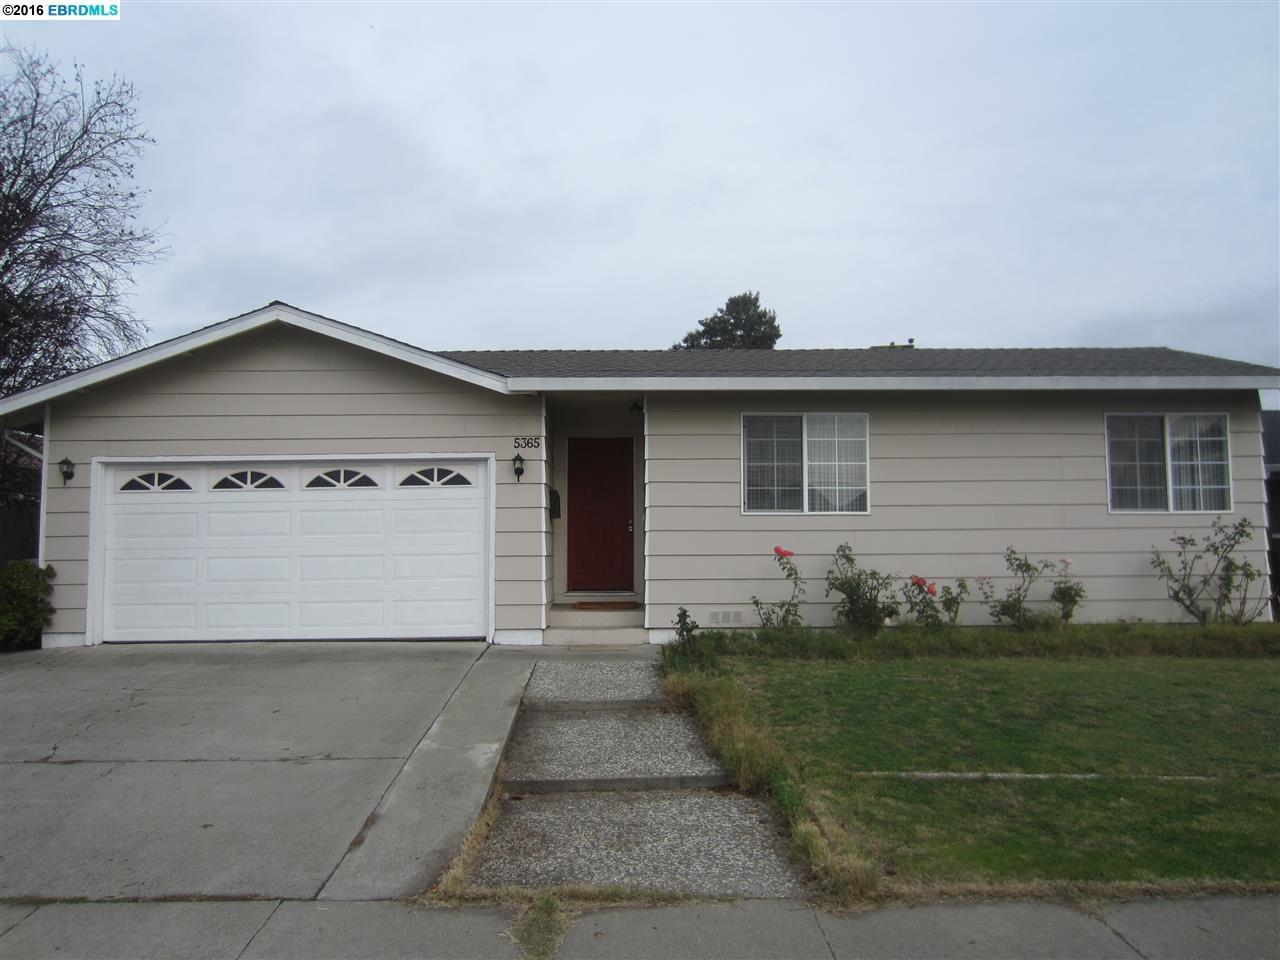 5365 Tanglewood Park Dr, Fremont, CA